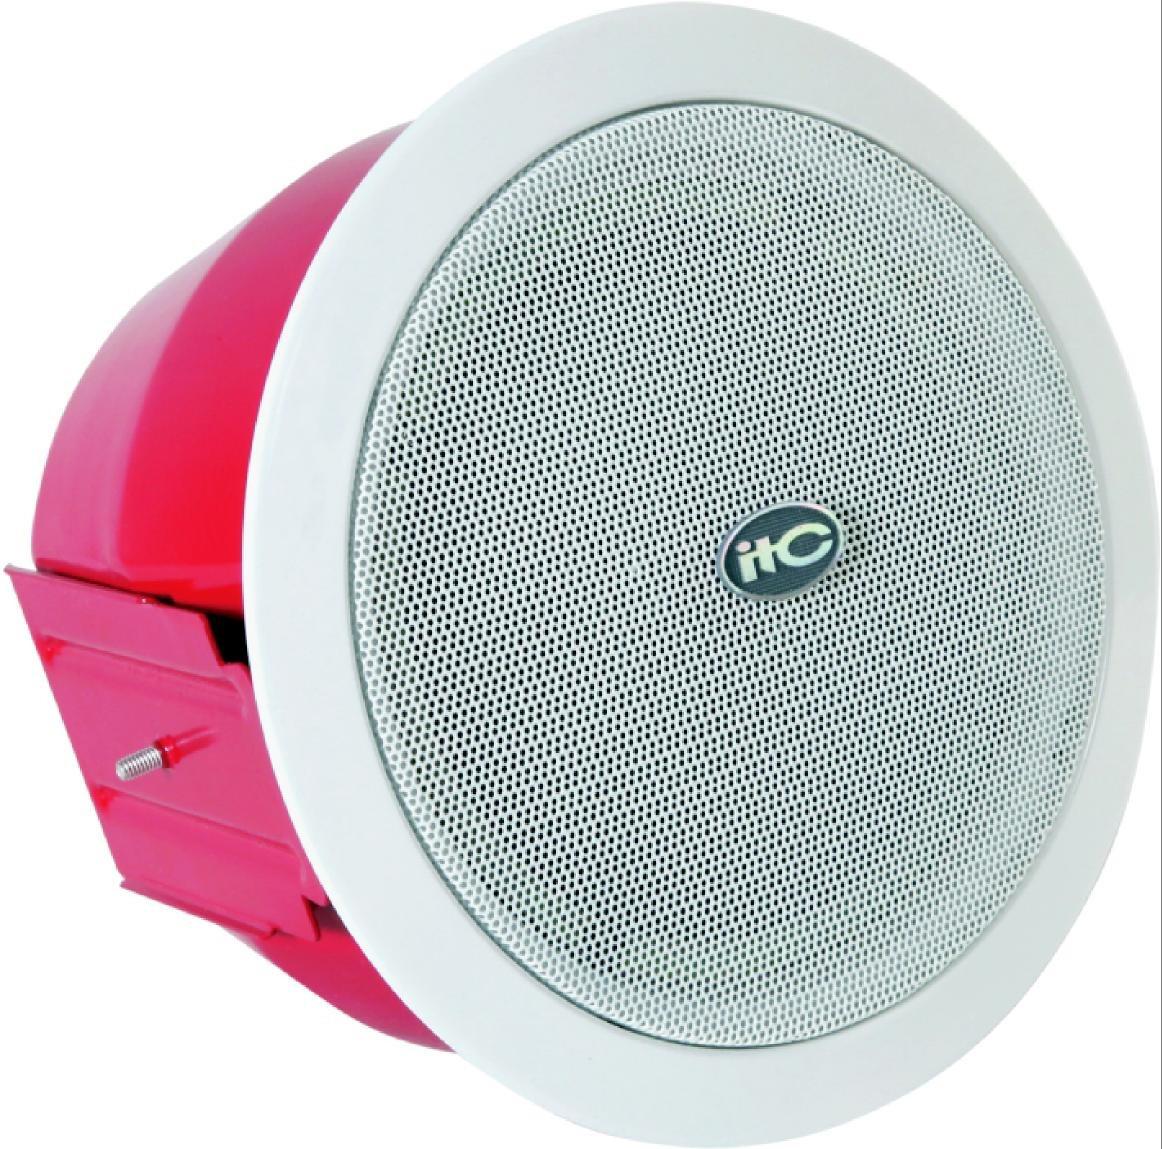 Потолочный громкоговоритель ITC Audio VA-565